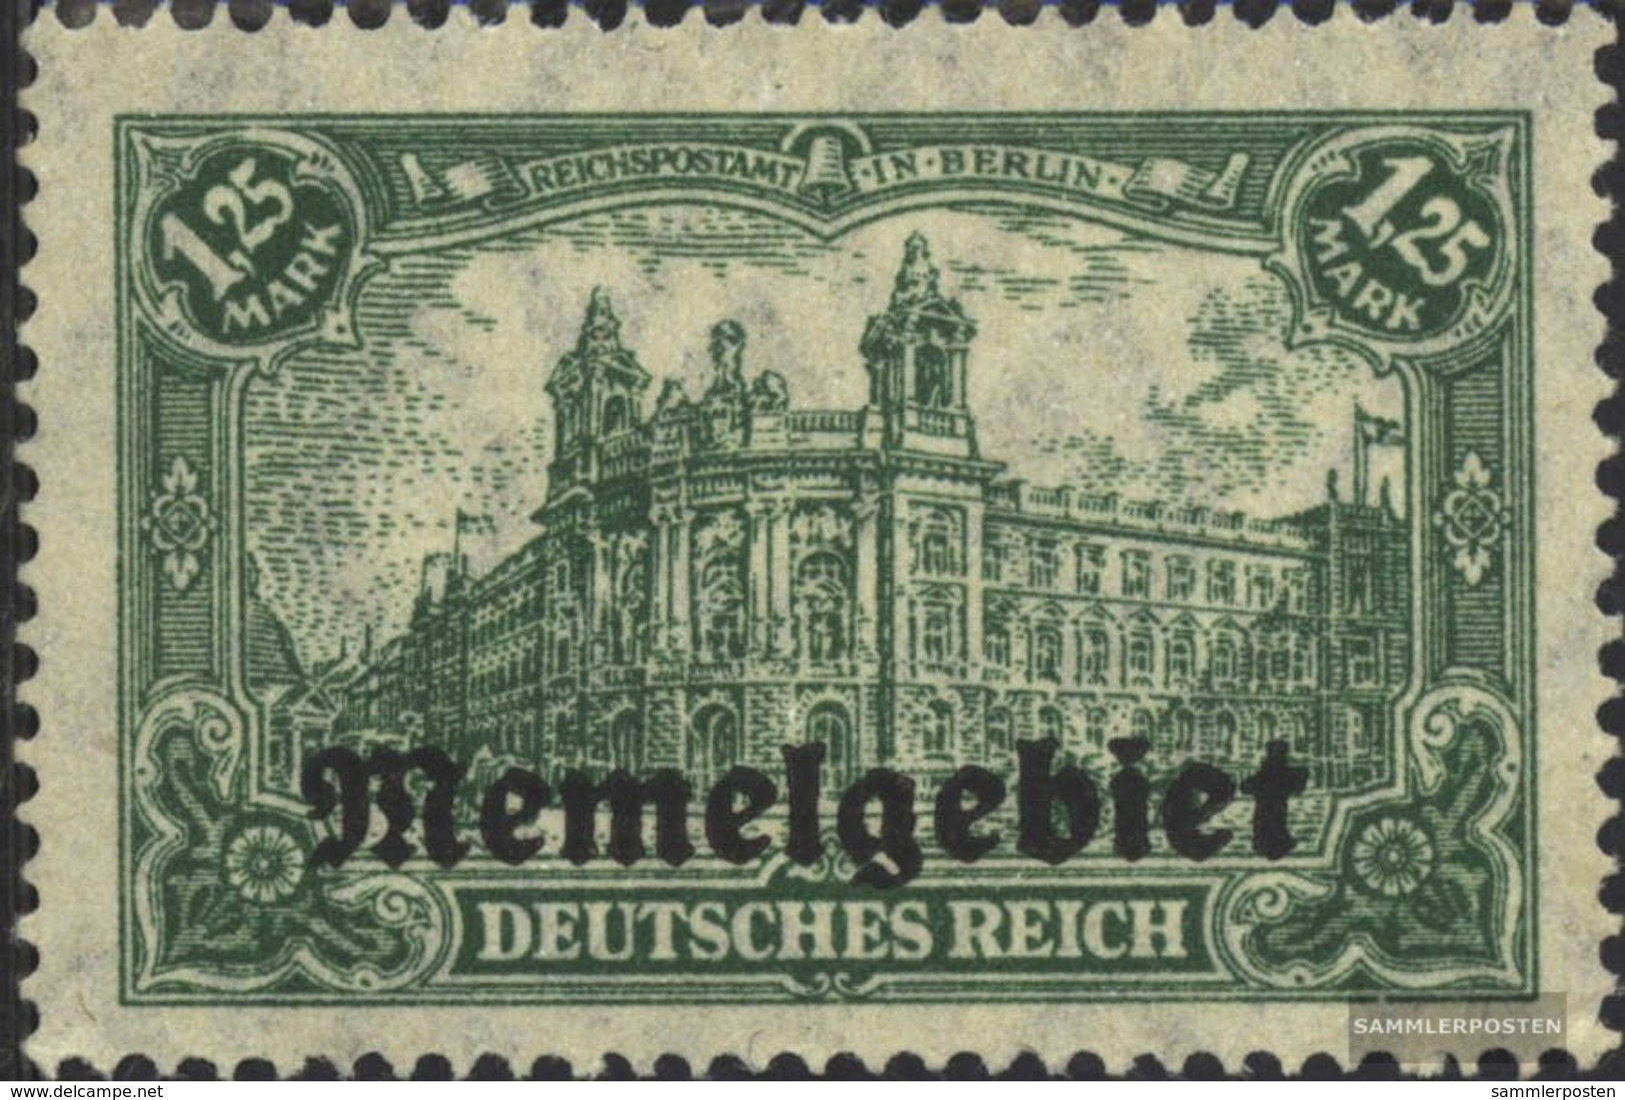 Memelgebiet 10 Con Fold 1920 Germania-Stampa - Klaïpeda